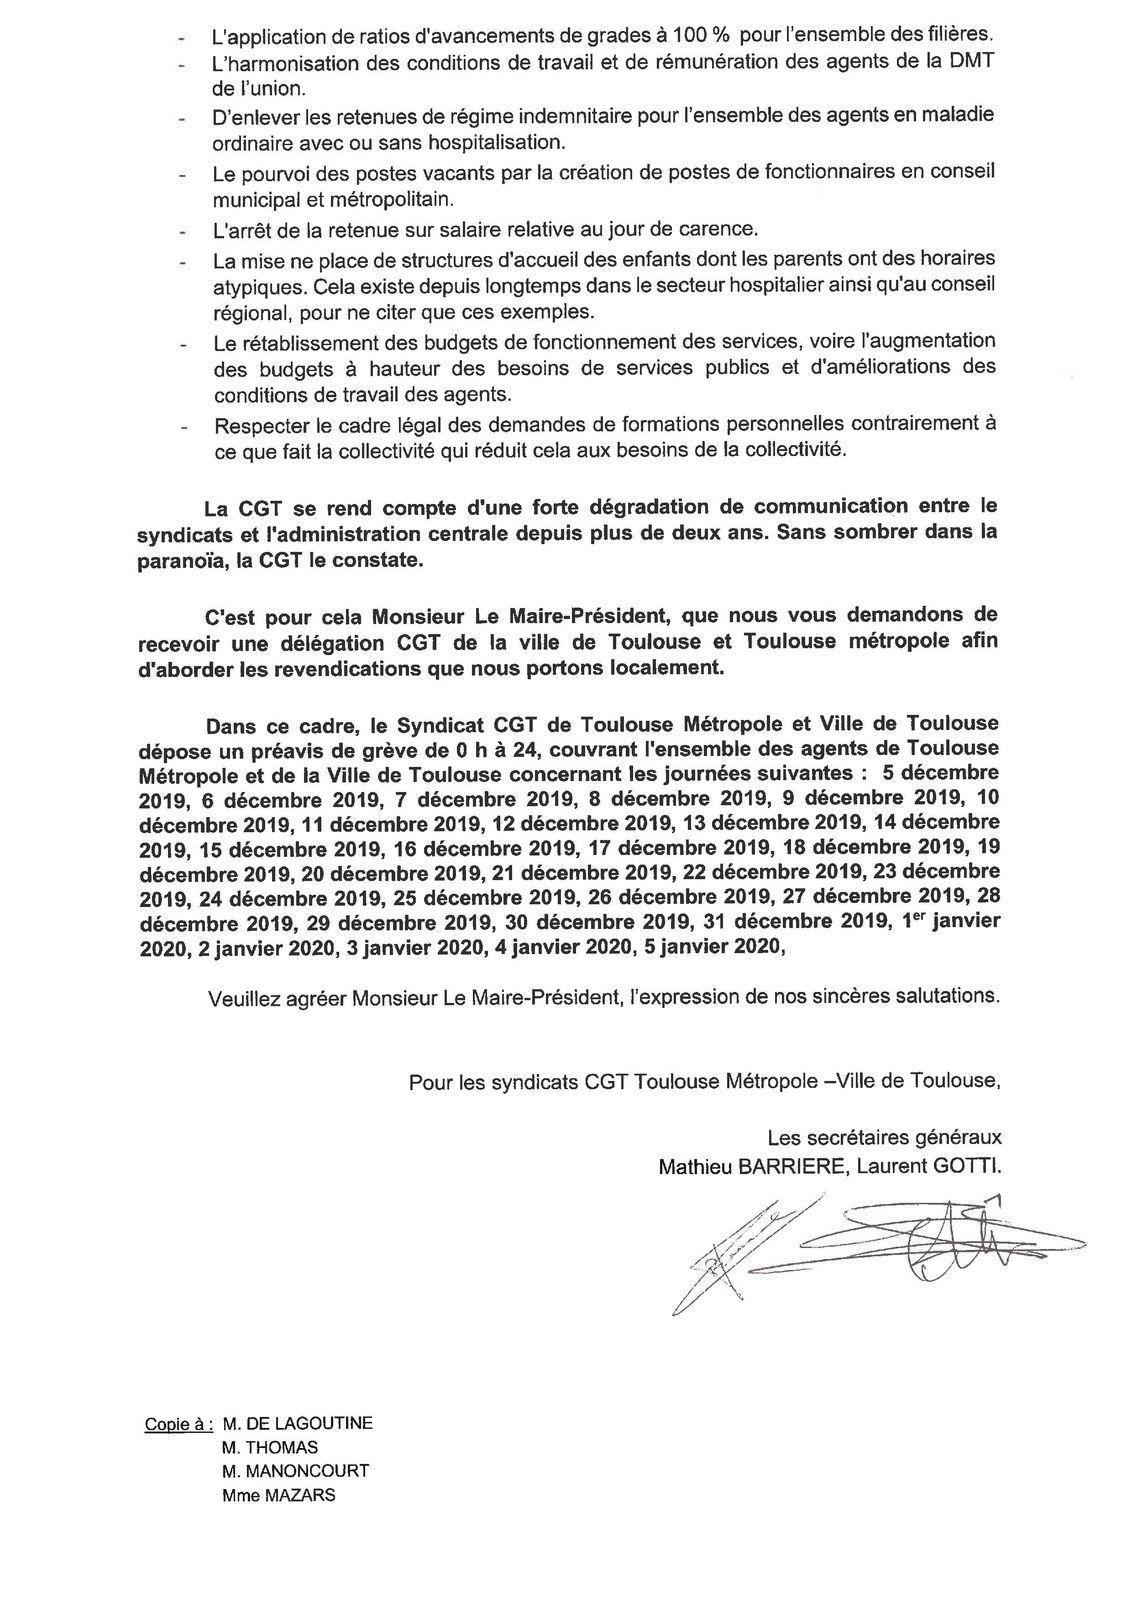 préavis de grève commun CGT ville-métropole